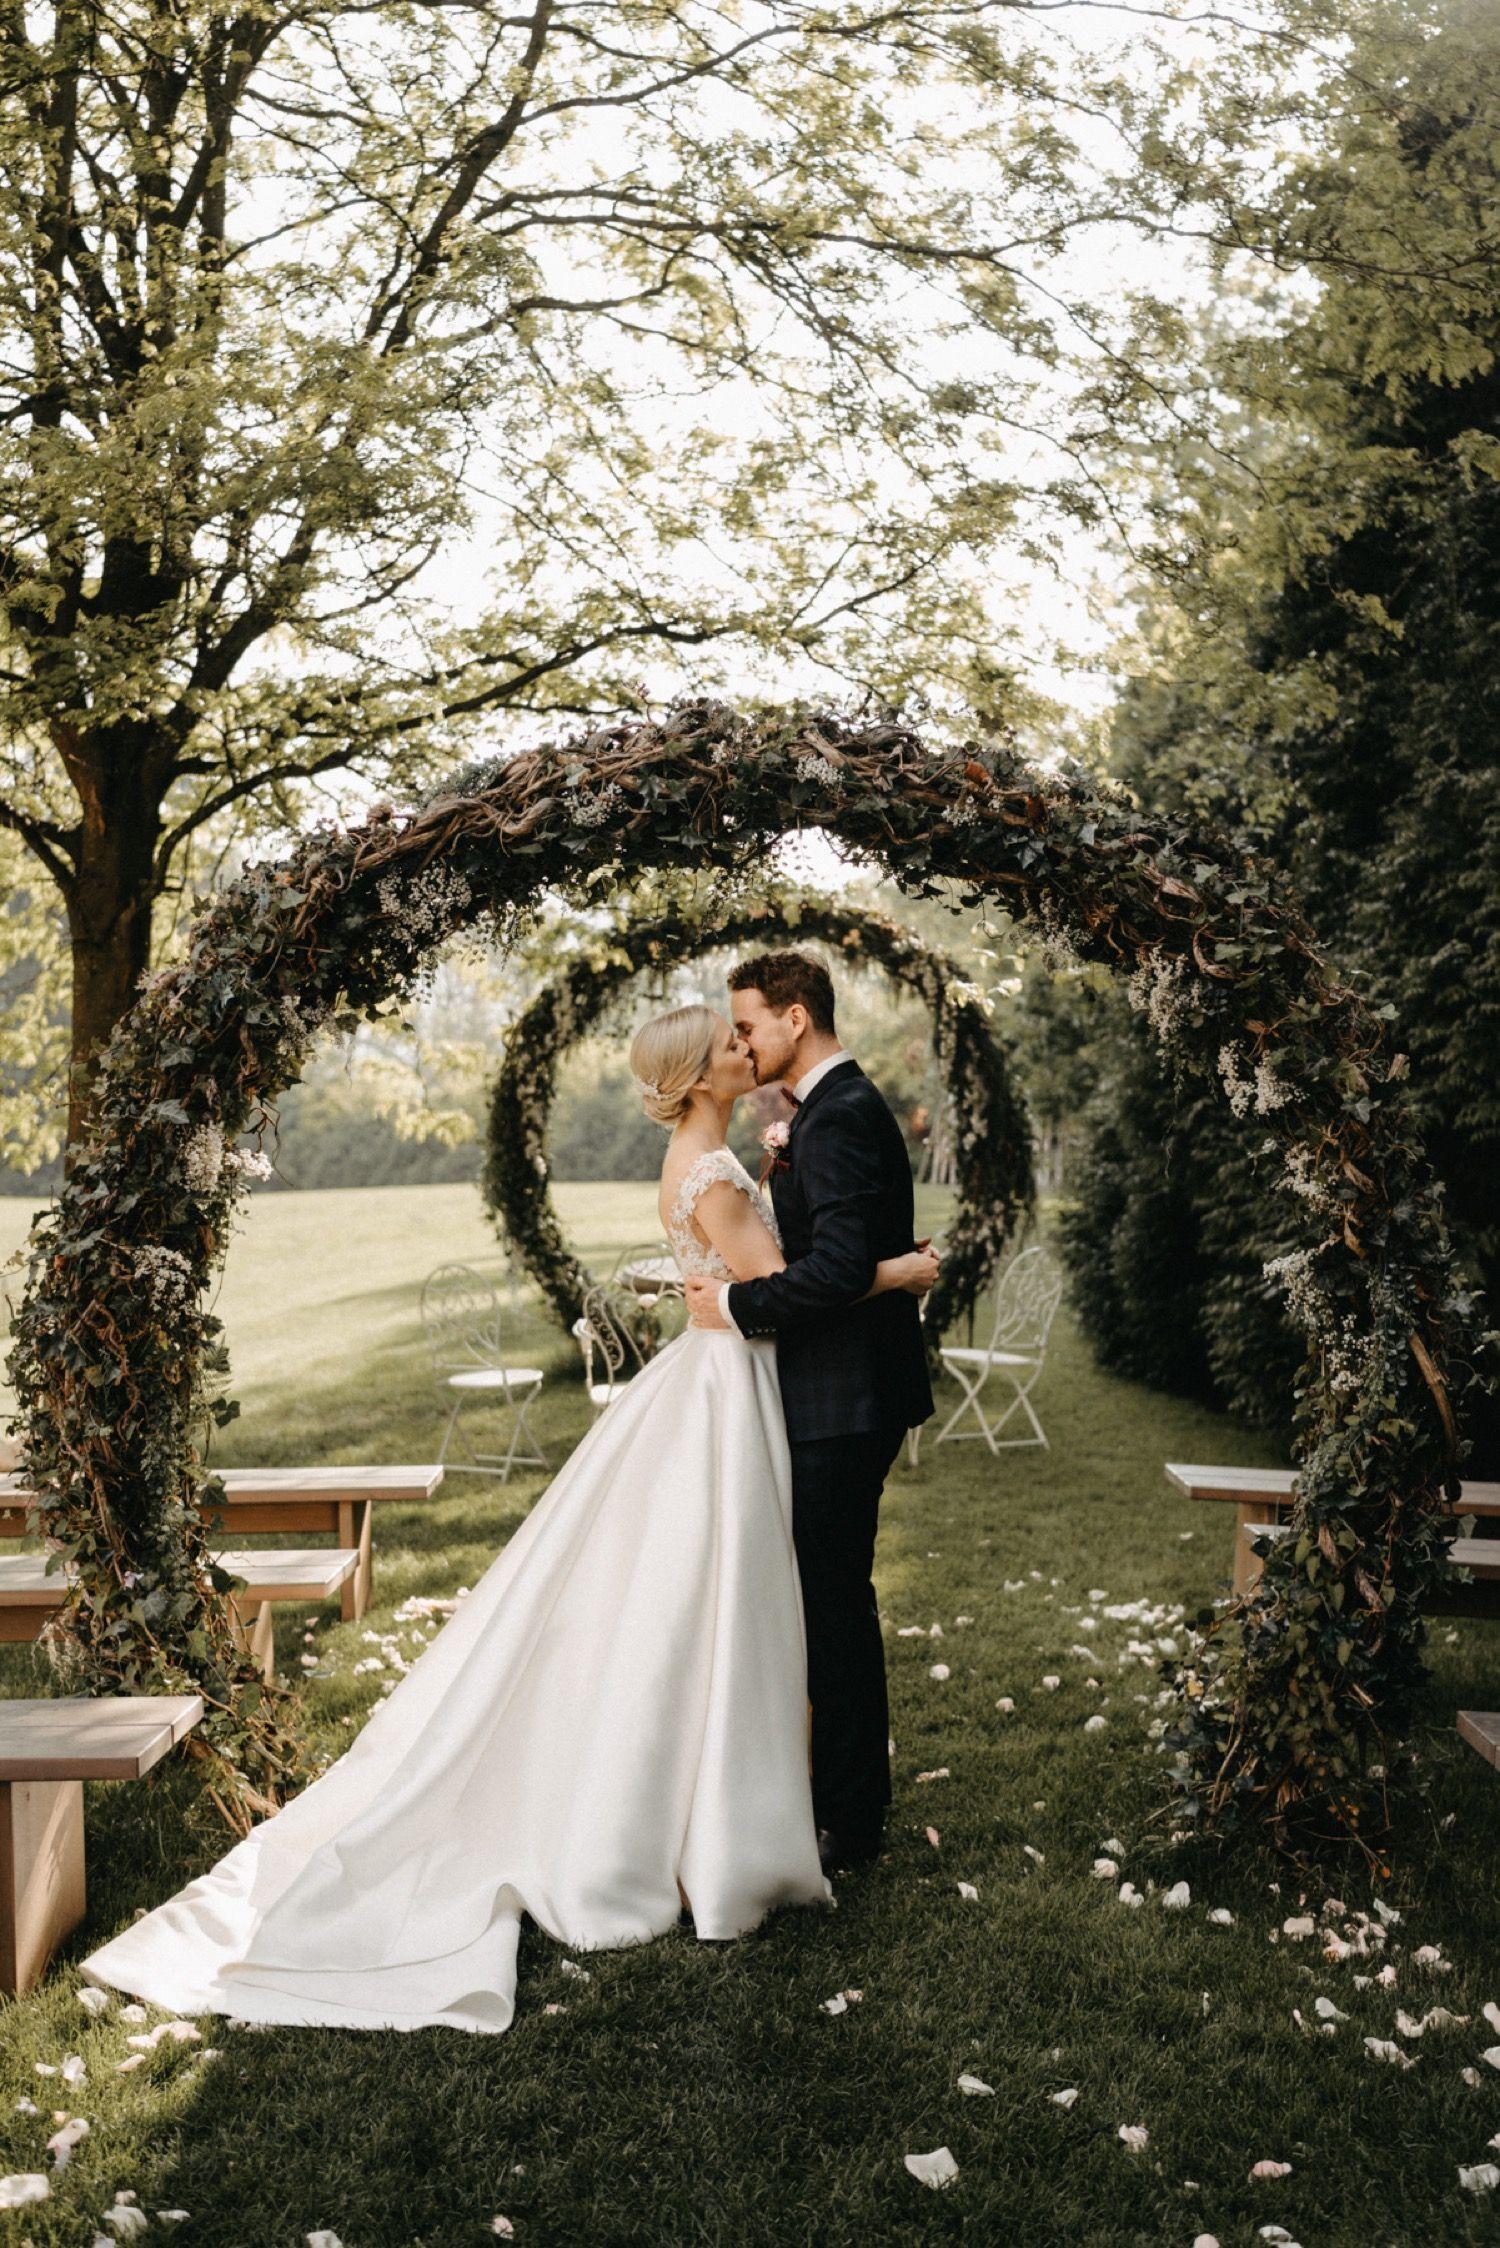 Wedding Photography Couple Wedding Arch By Bianca Lukas In 2020 Fruhlingshochzeit Hochzeit Hochzeitspaar